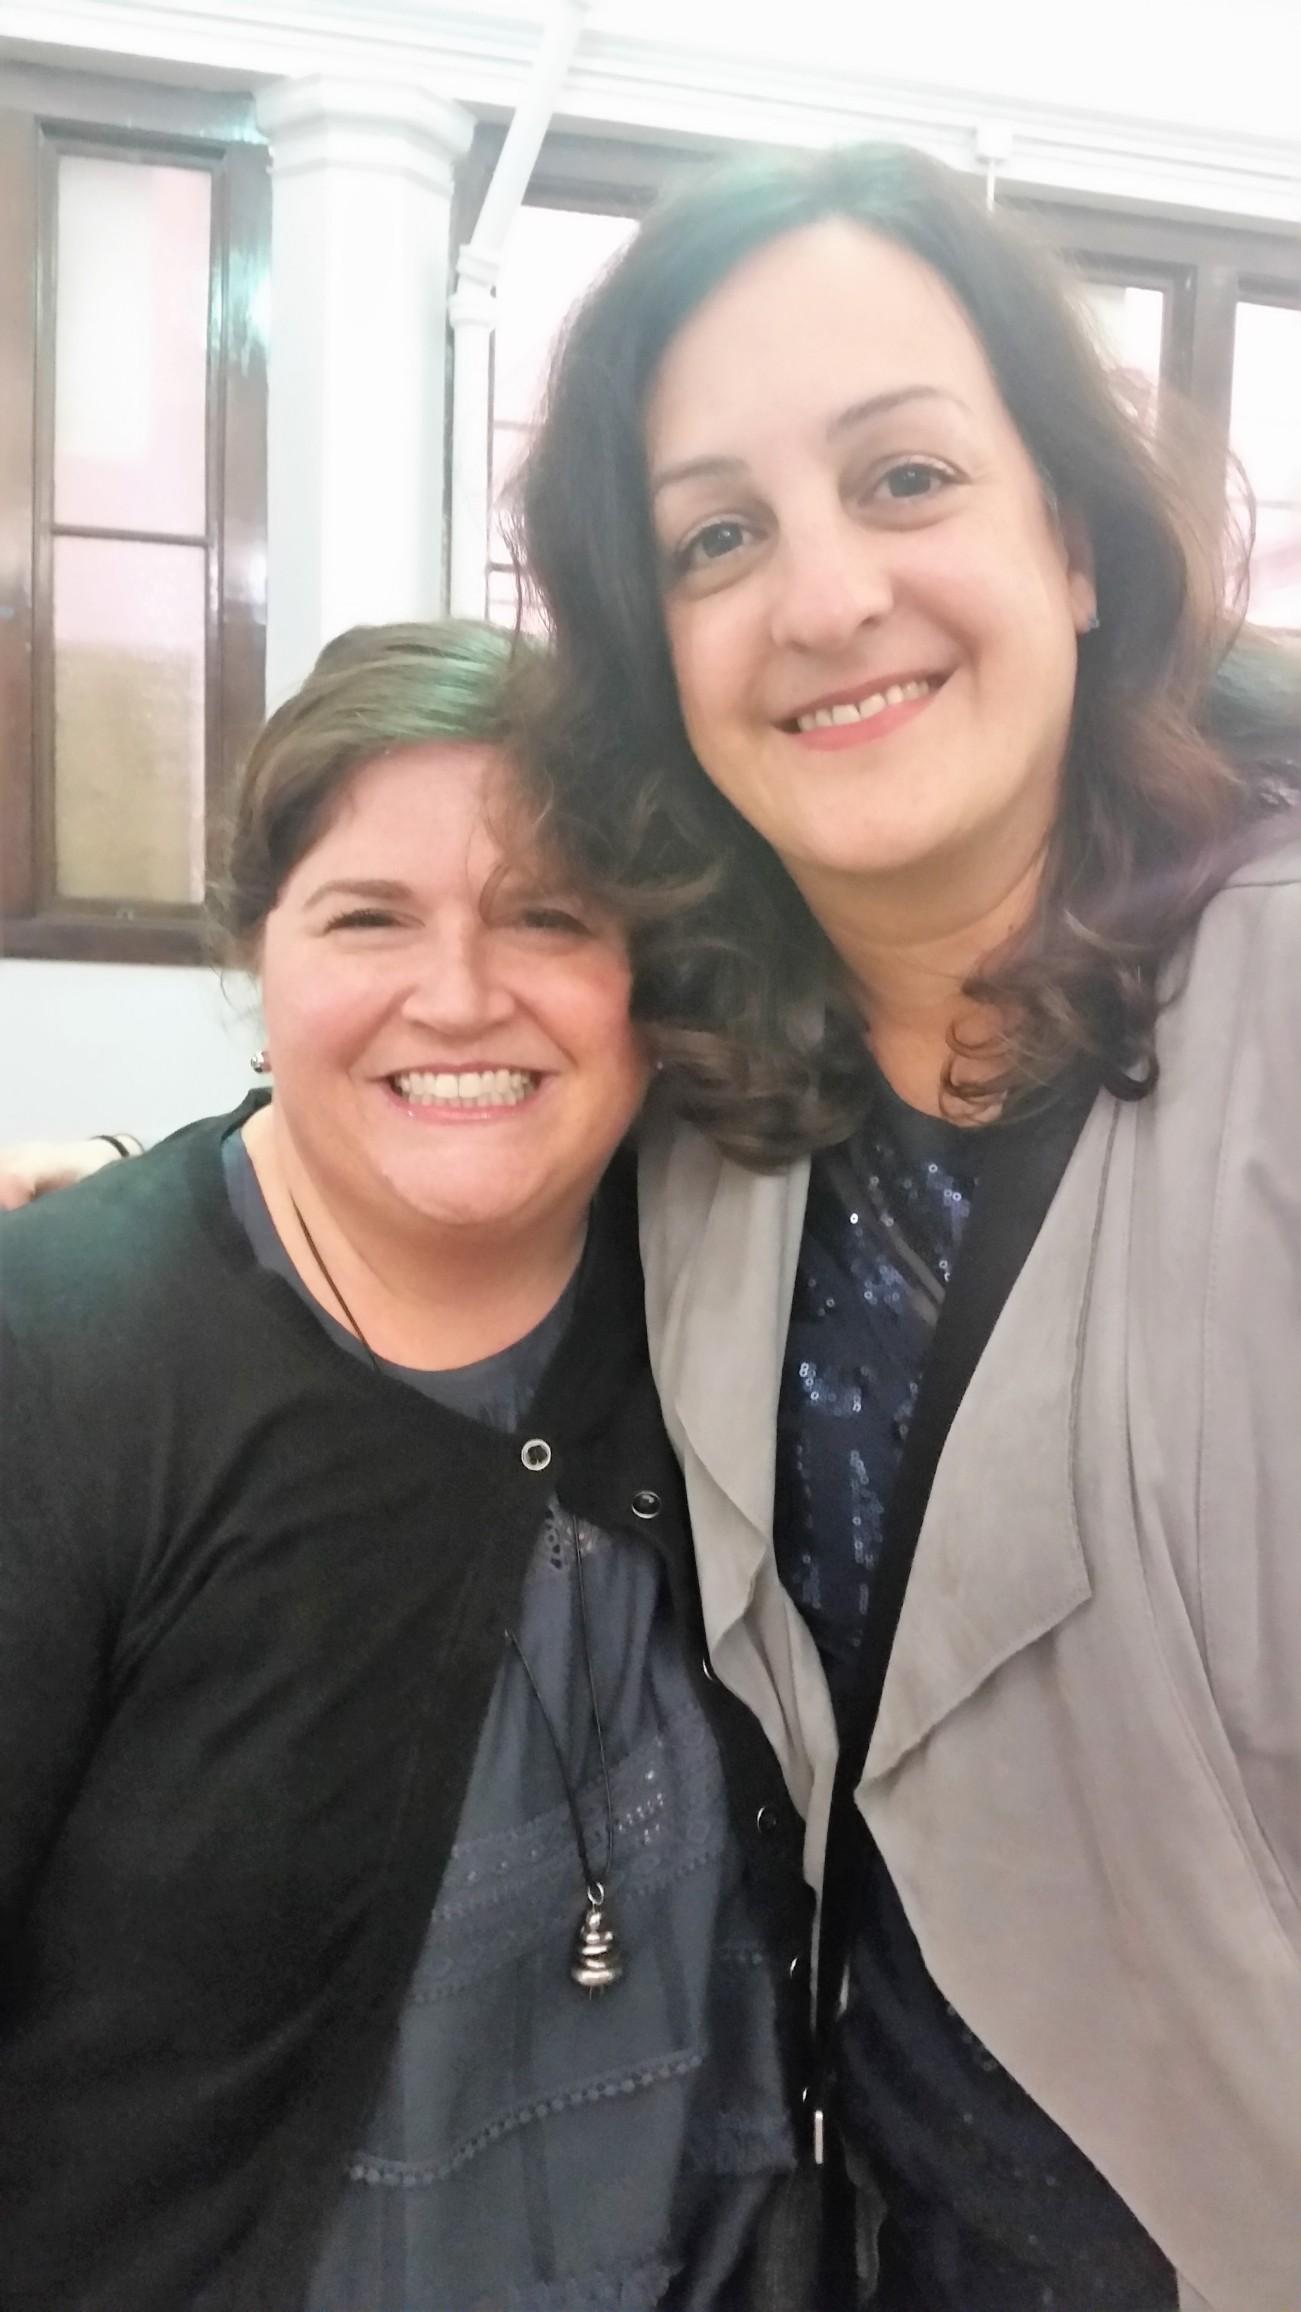 Maria and Jill